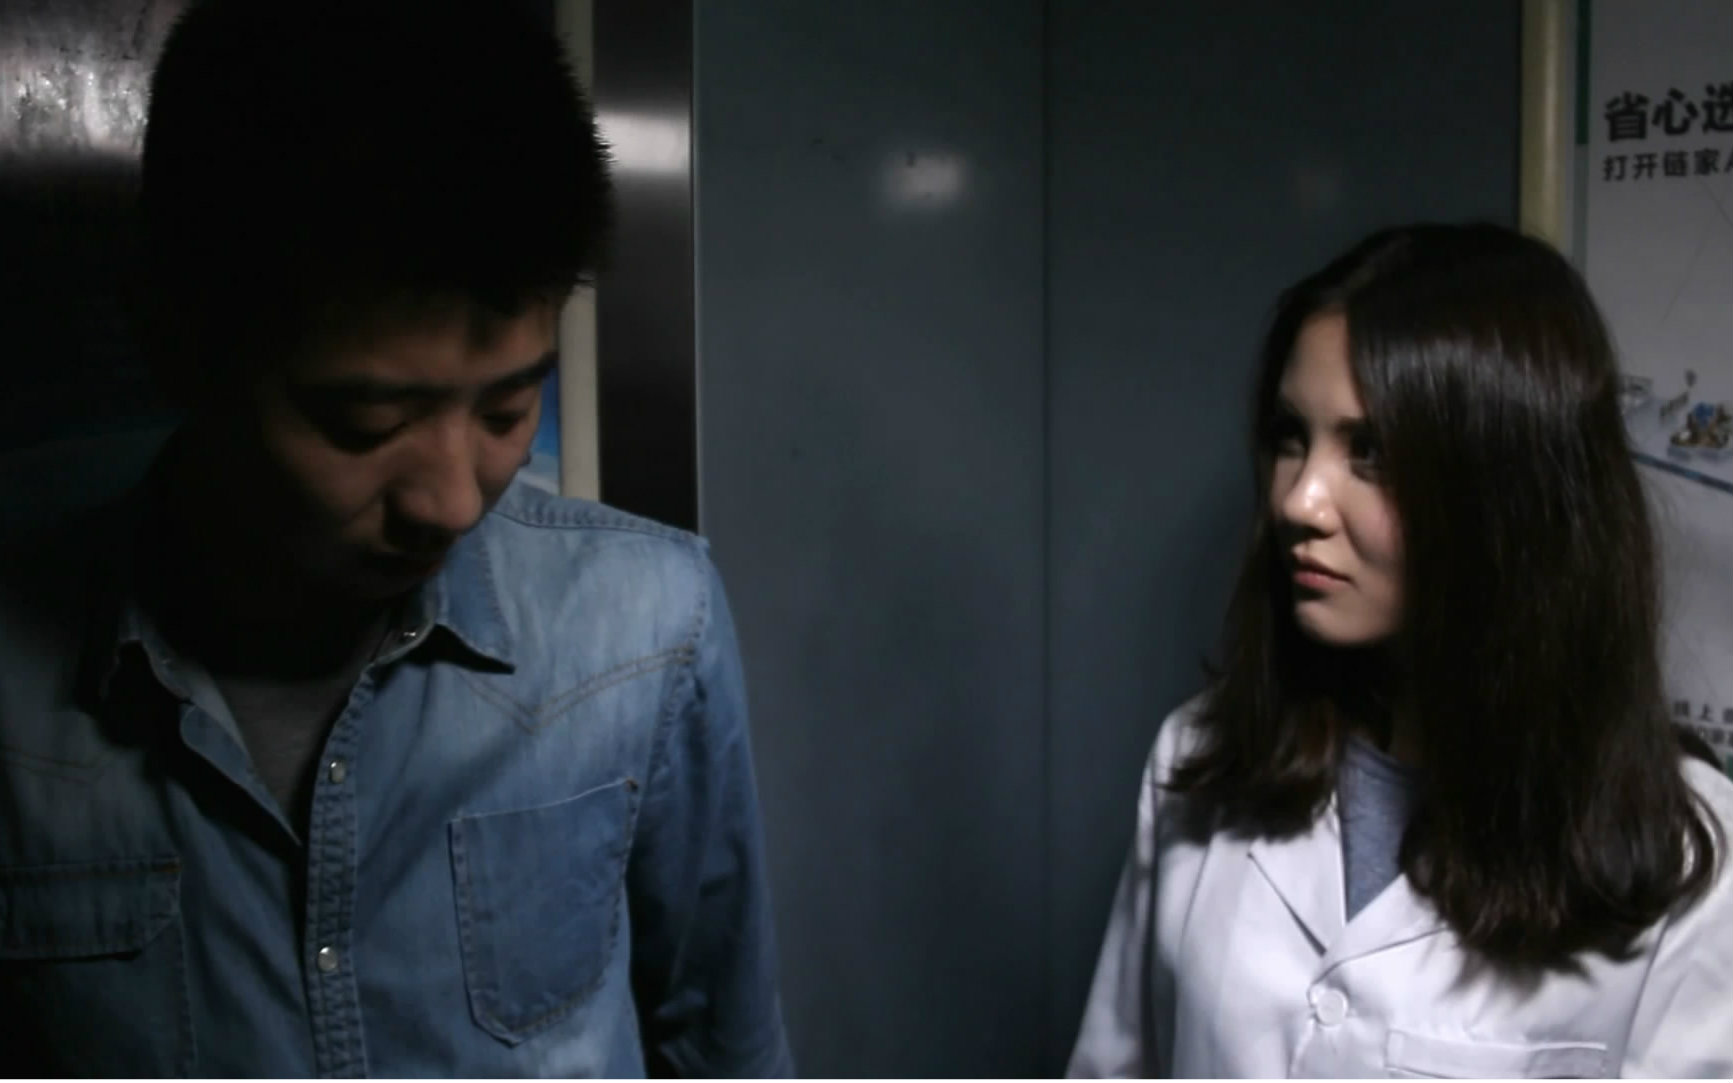 好遇到美女里竟刺激这样的电梯_搞笑_v美女_b创意3d美女鼠标垫图片